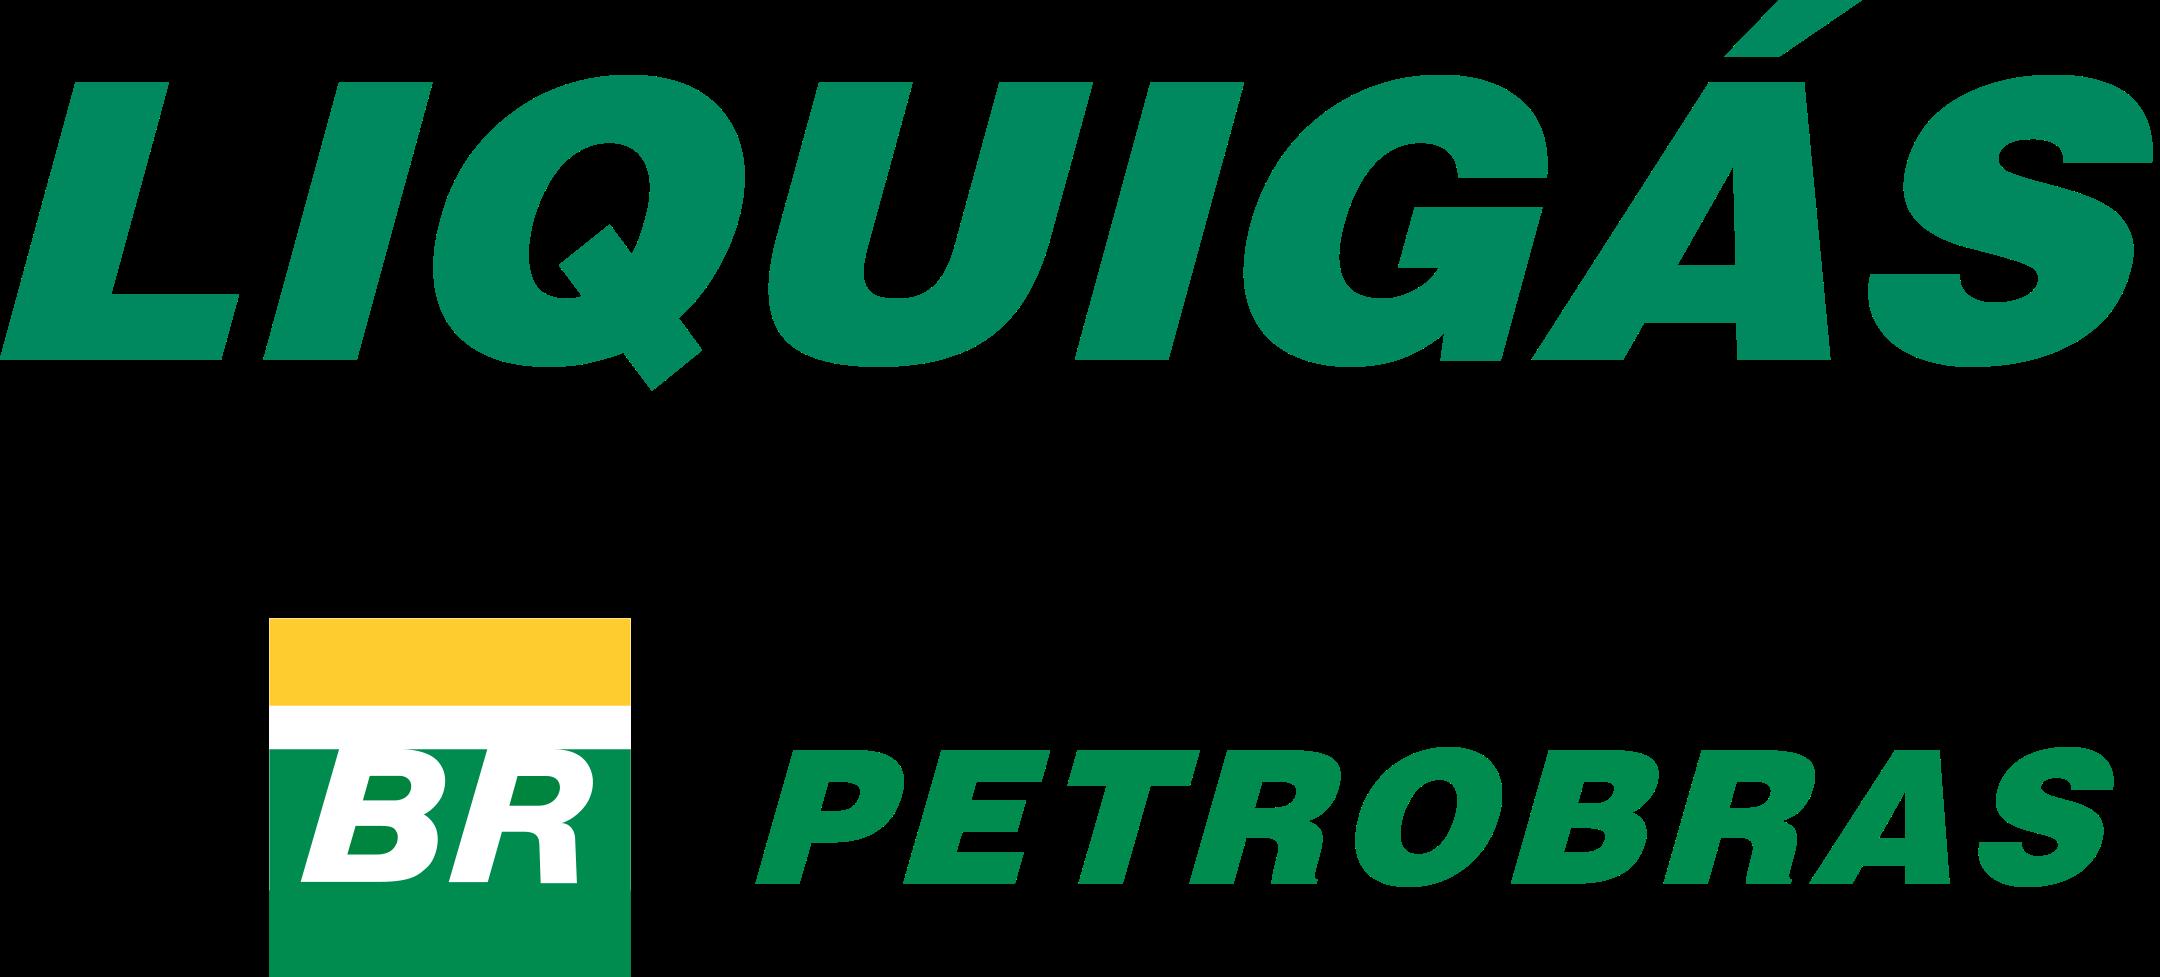 liquigas logo 1 - Liquigás Logo